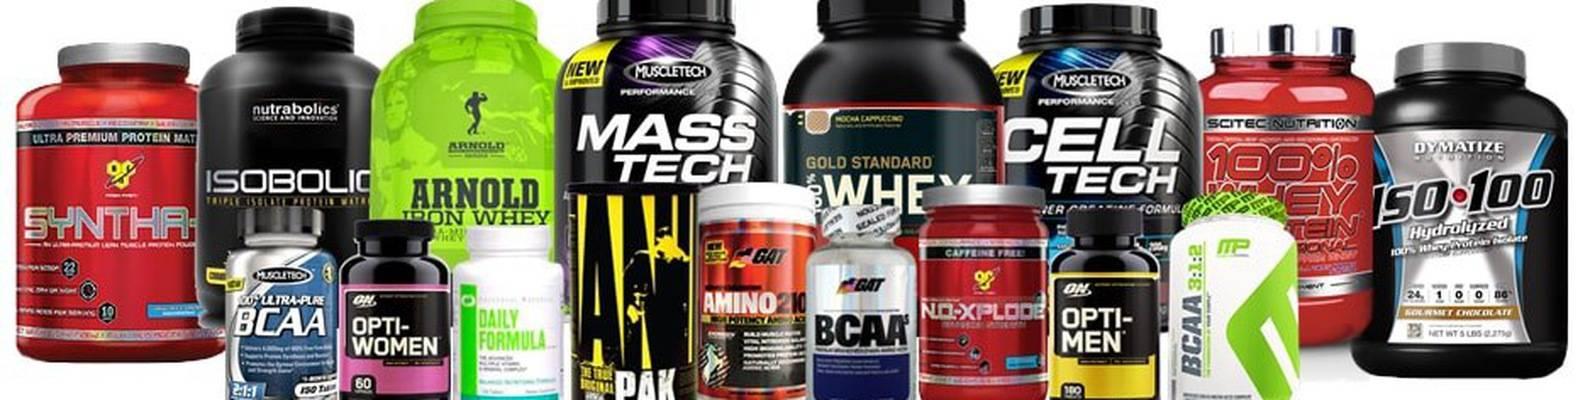 Чем можно заменить спортивное питание: протеин, гейнер, жиросжигатели